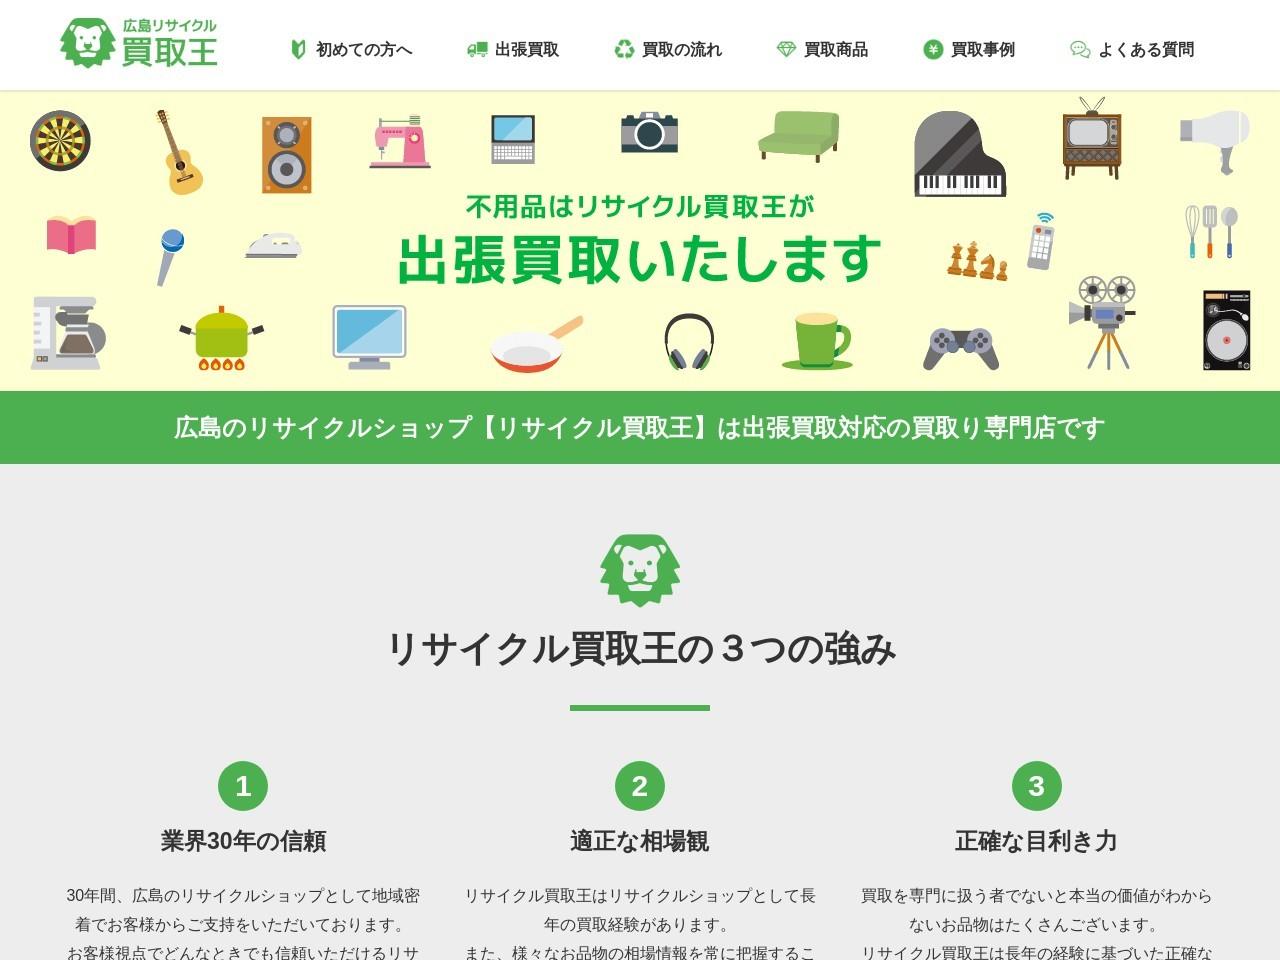 リサイクルショップ 広島 厨房機器・骨董品買取 |広島のリサイクルショップ買取王